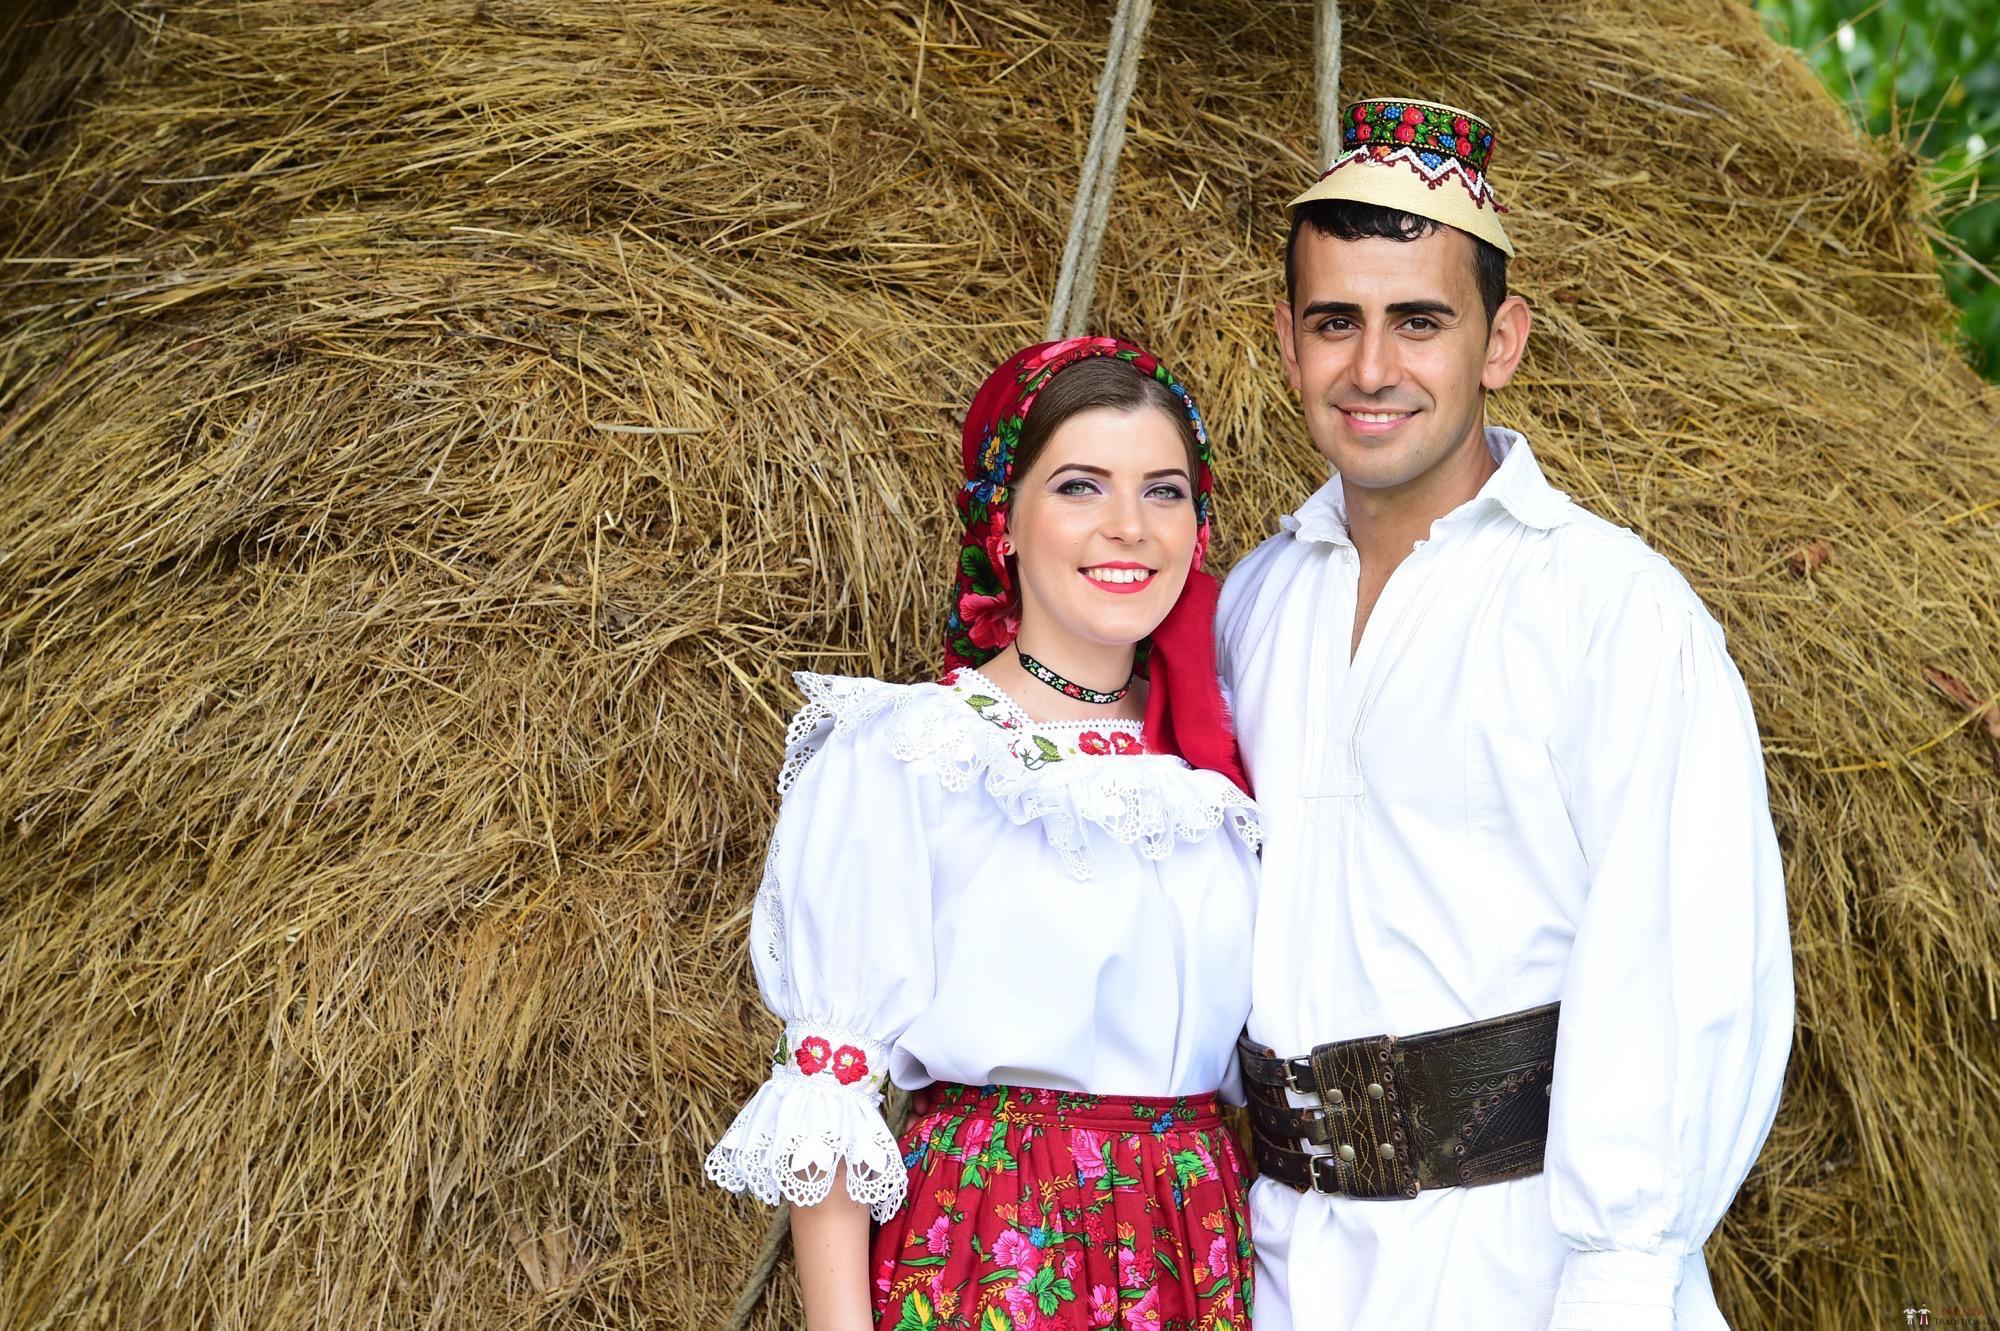 Povești Nunți Tradiționale - Florentina Vlad și Lemnean Ionuț. Cununie tradițională în Baia Mare 10